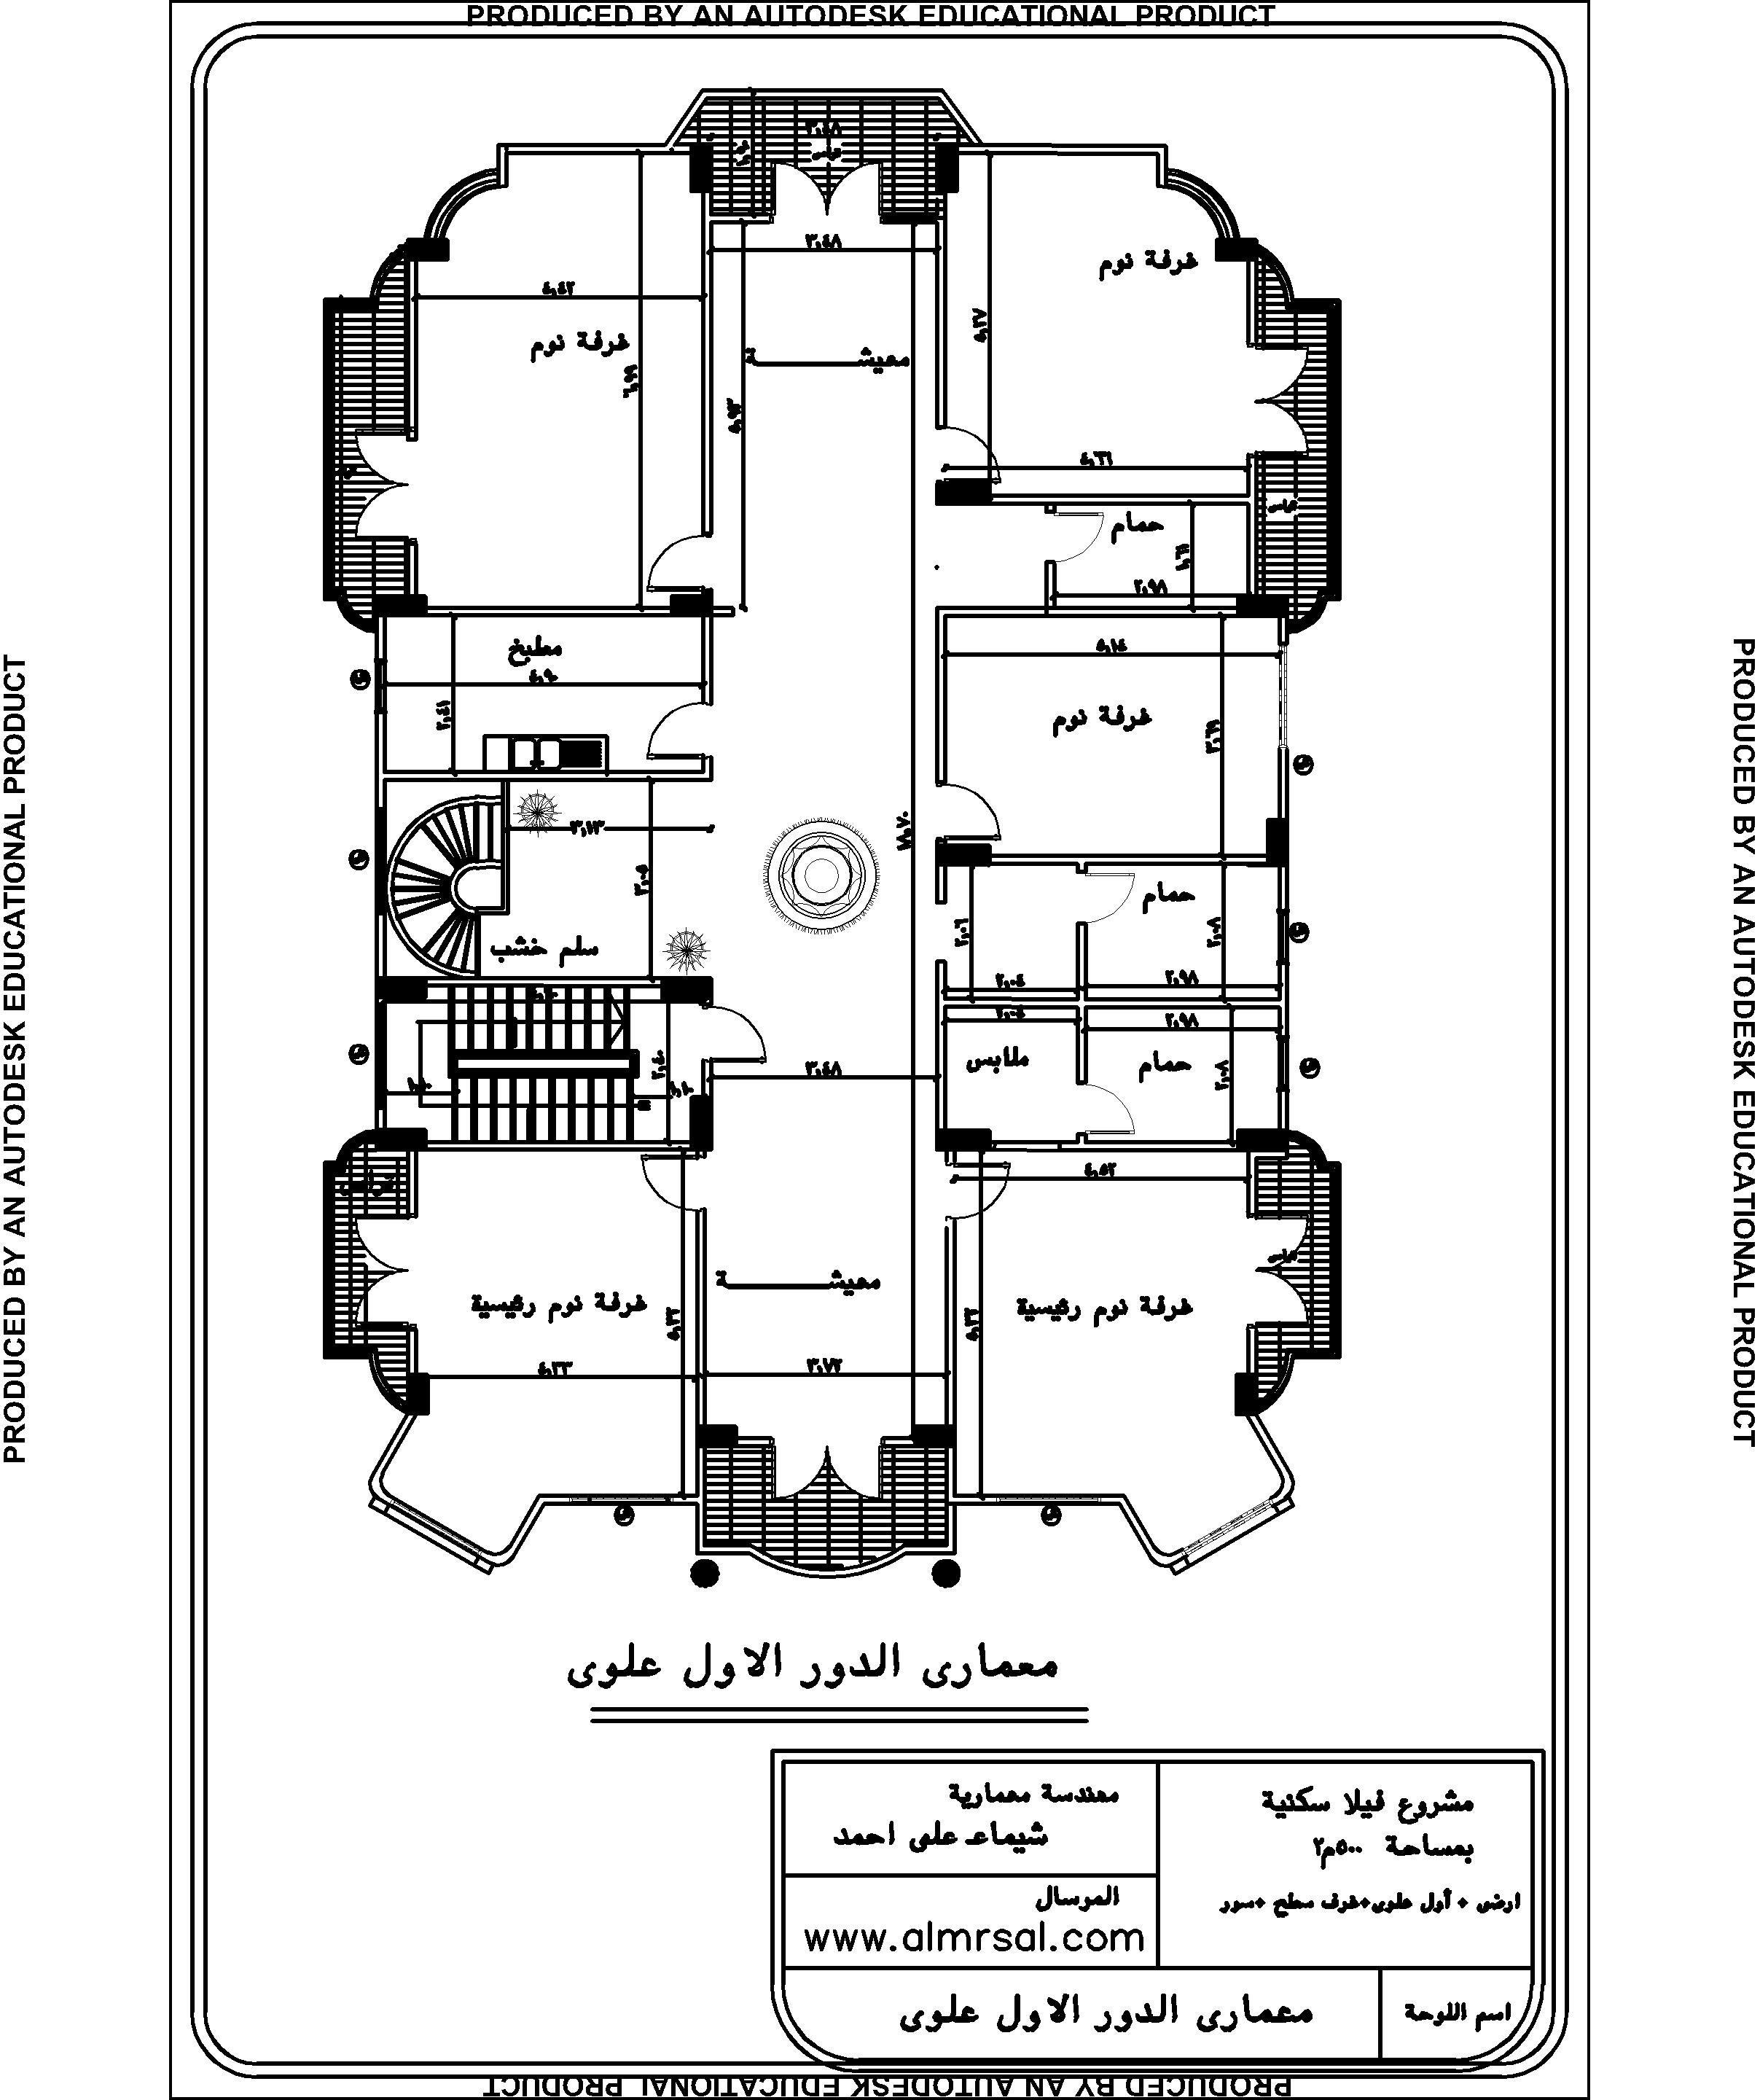 معماري الاول علوي لفيلا 500م2